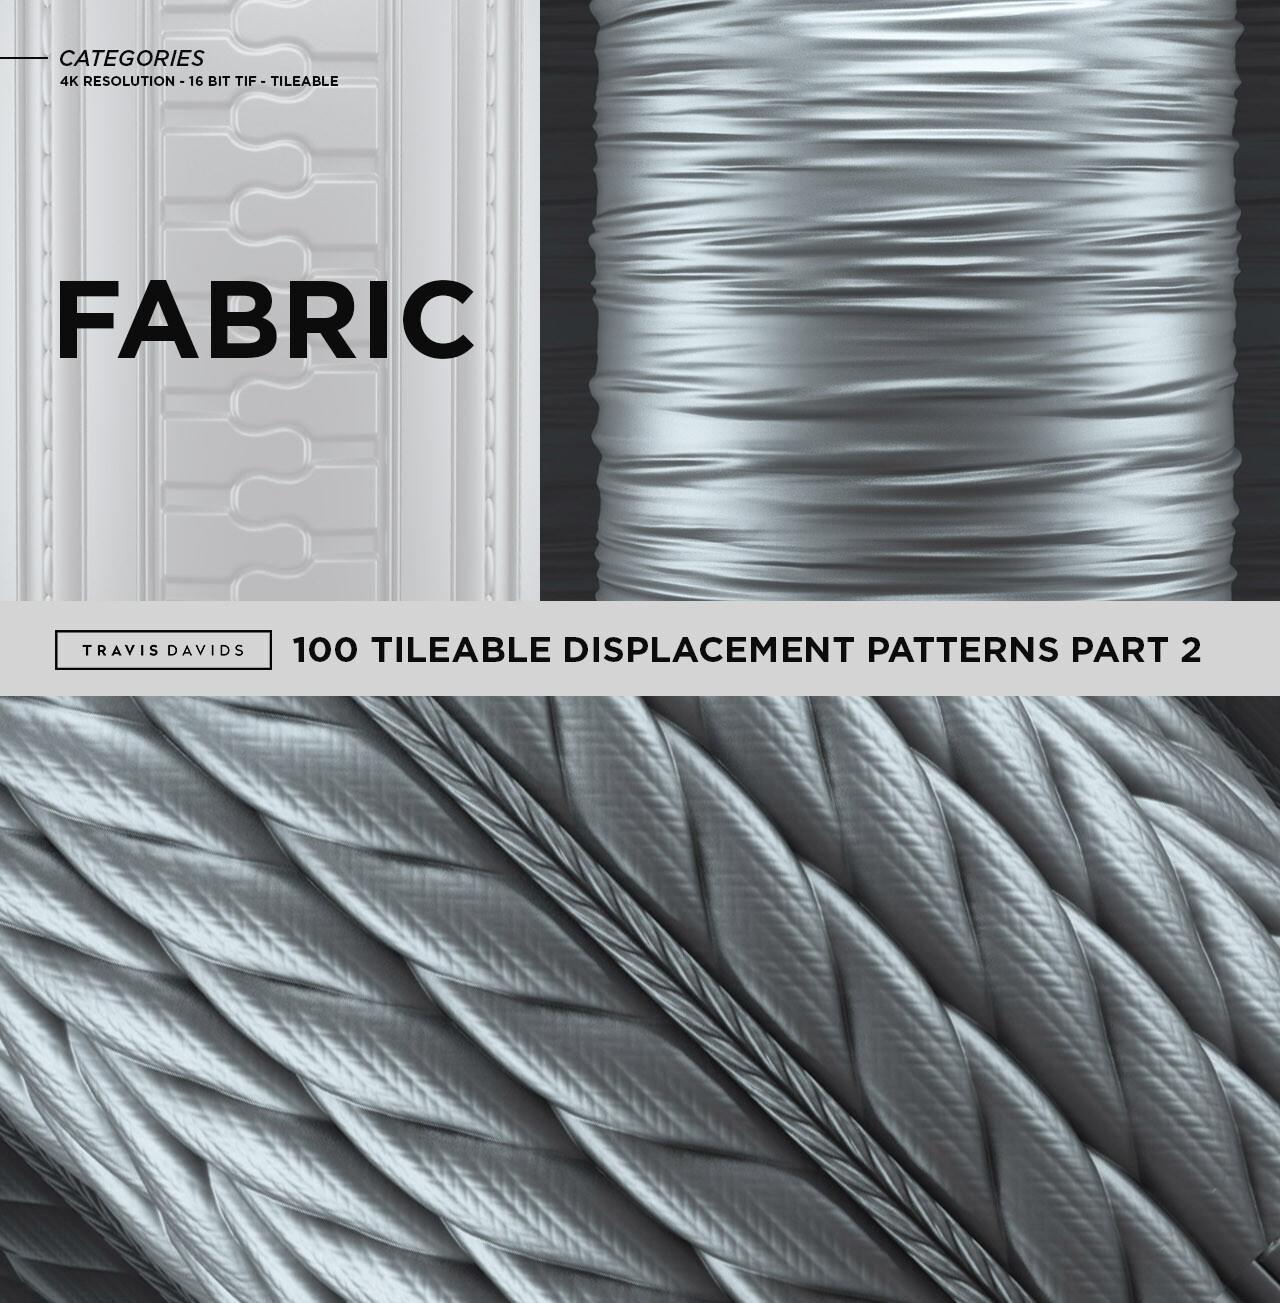 Travis davids categories fabric